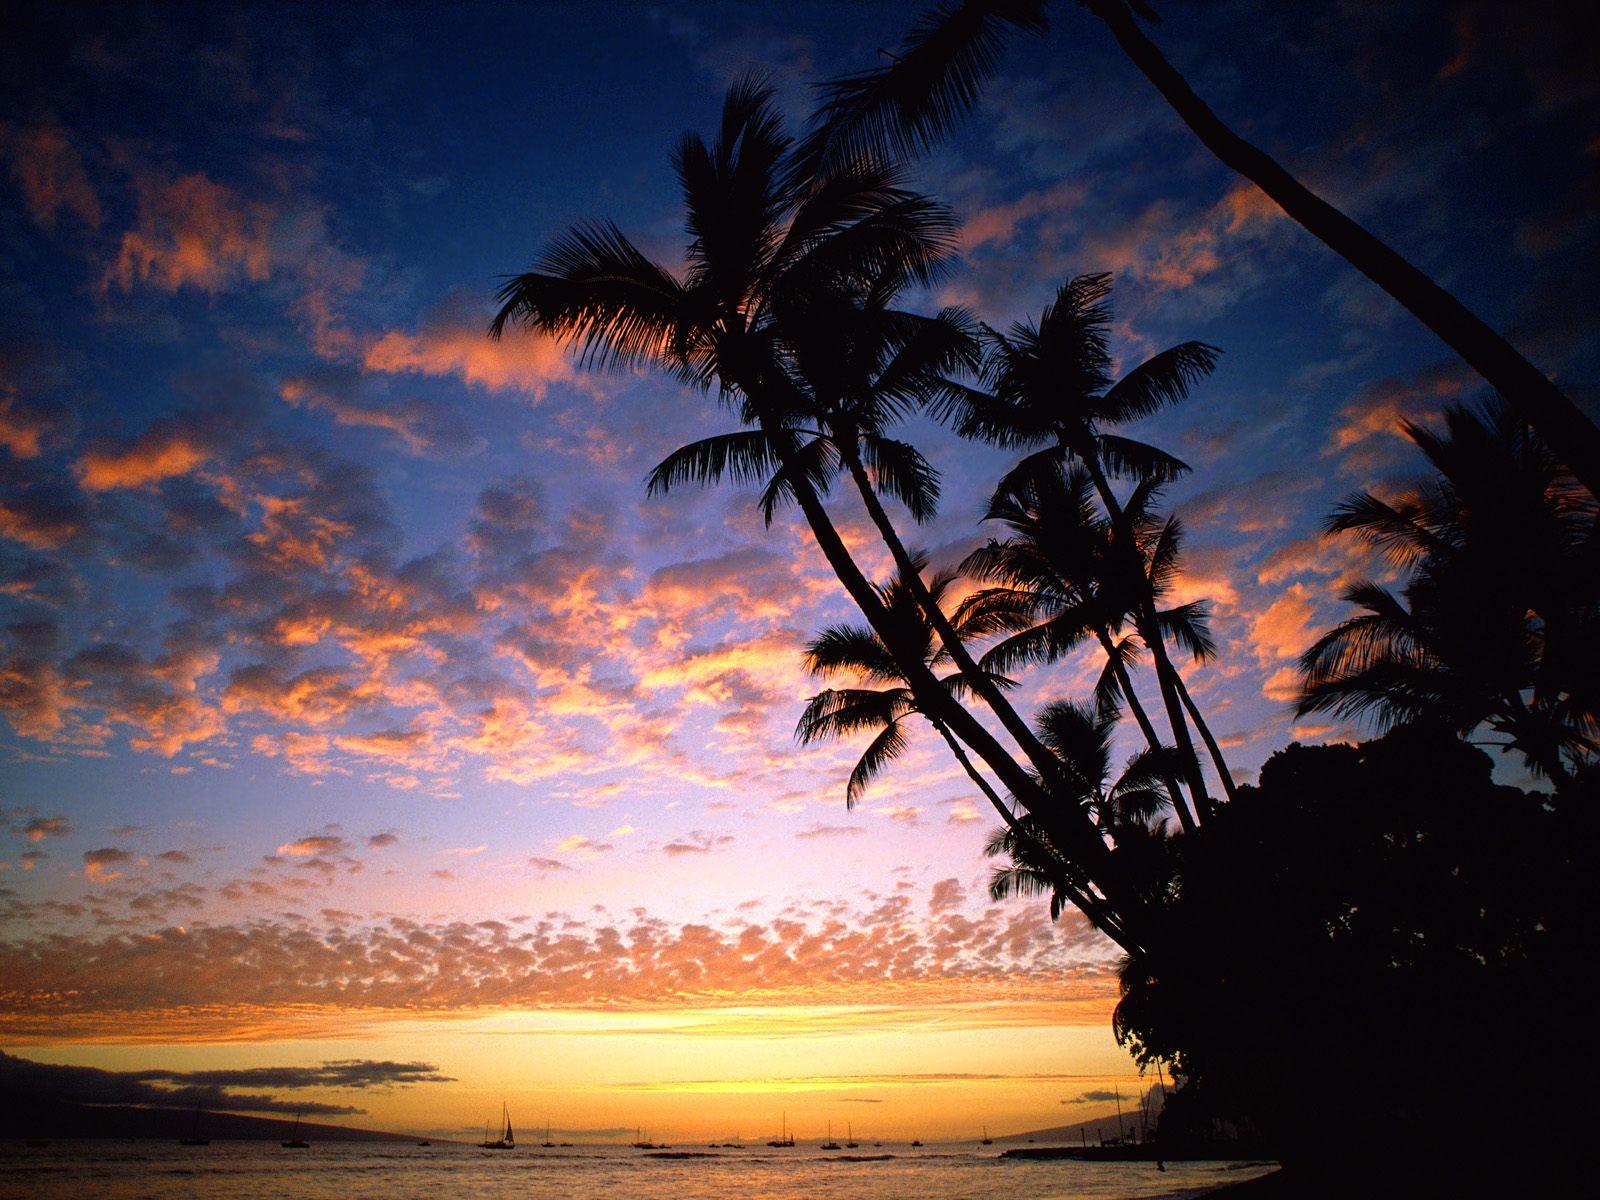 Hawaii Beach Sunset | WallpaperCow.com